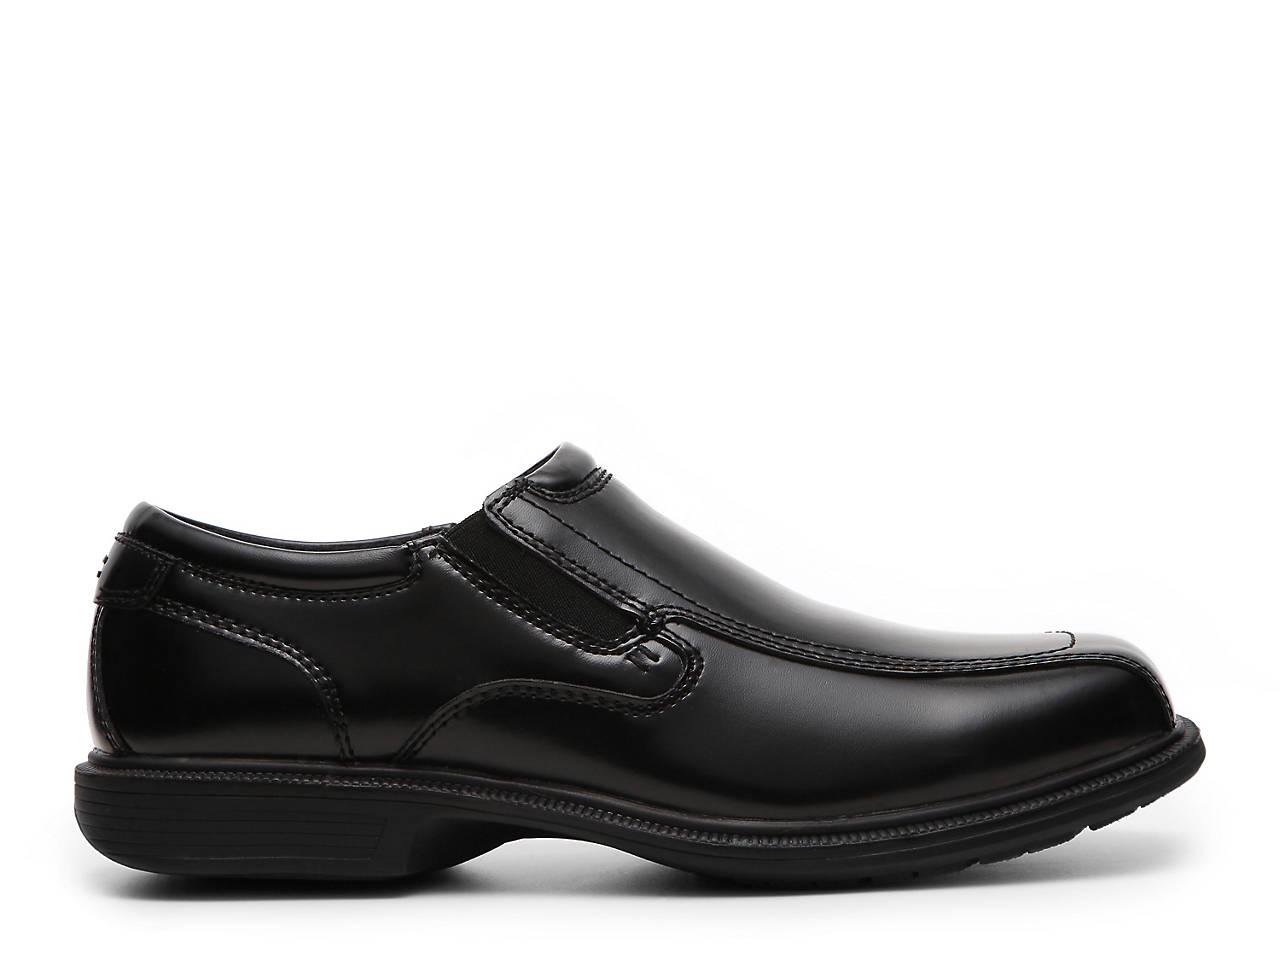 ff879623e4 Nunn Bush Bleeker St Slip-On Men s Shoes